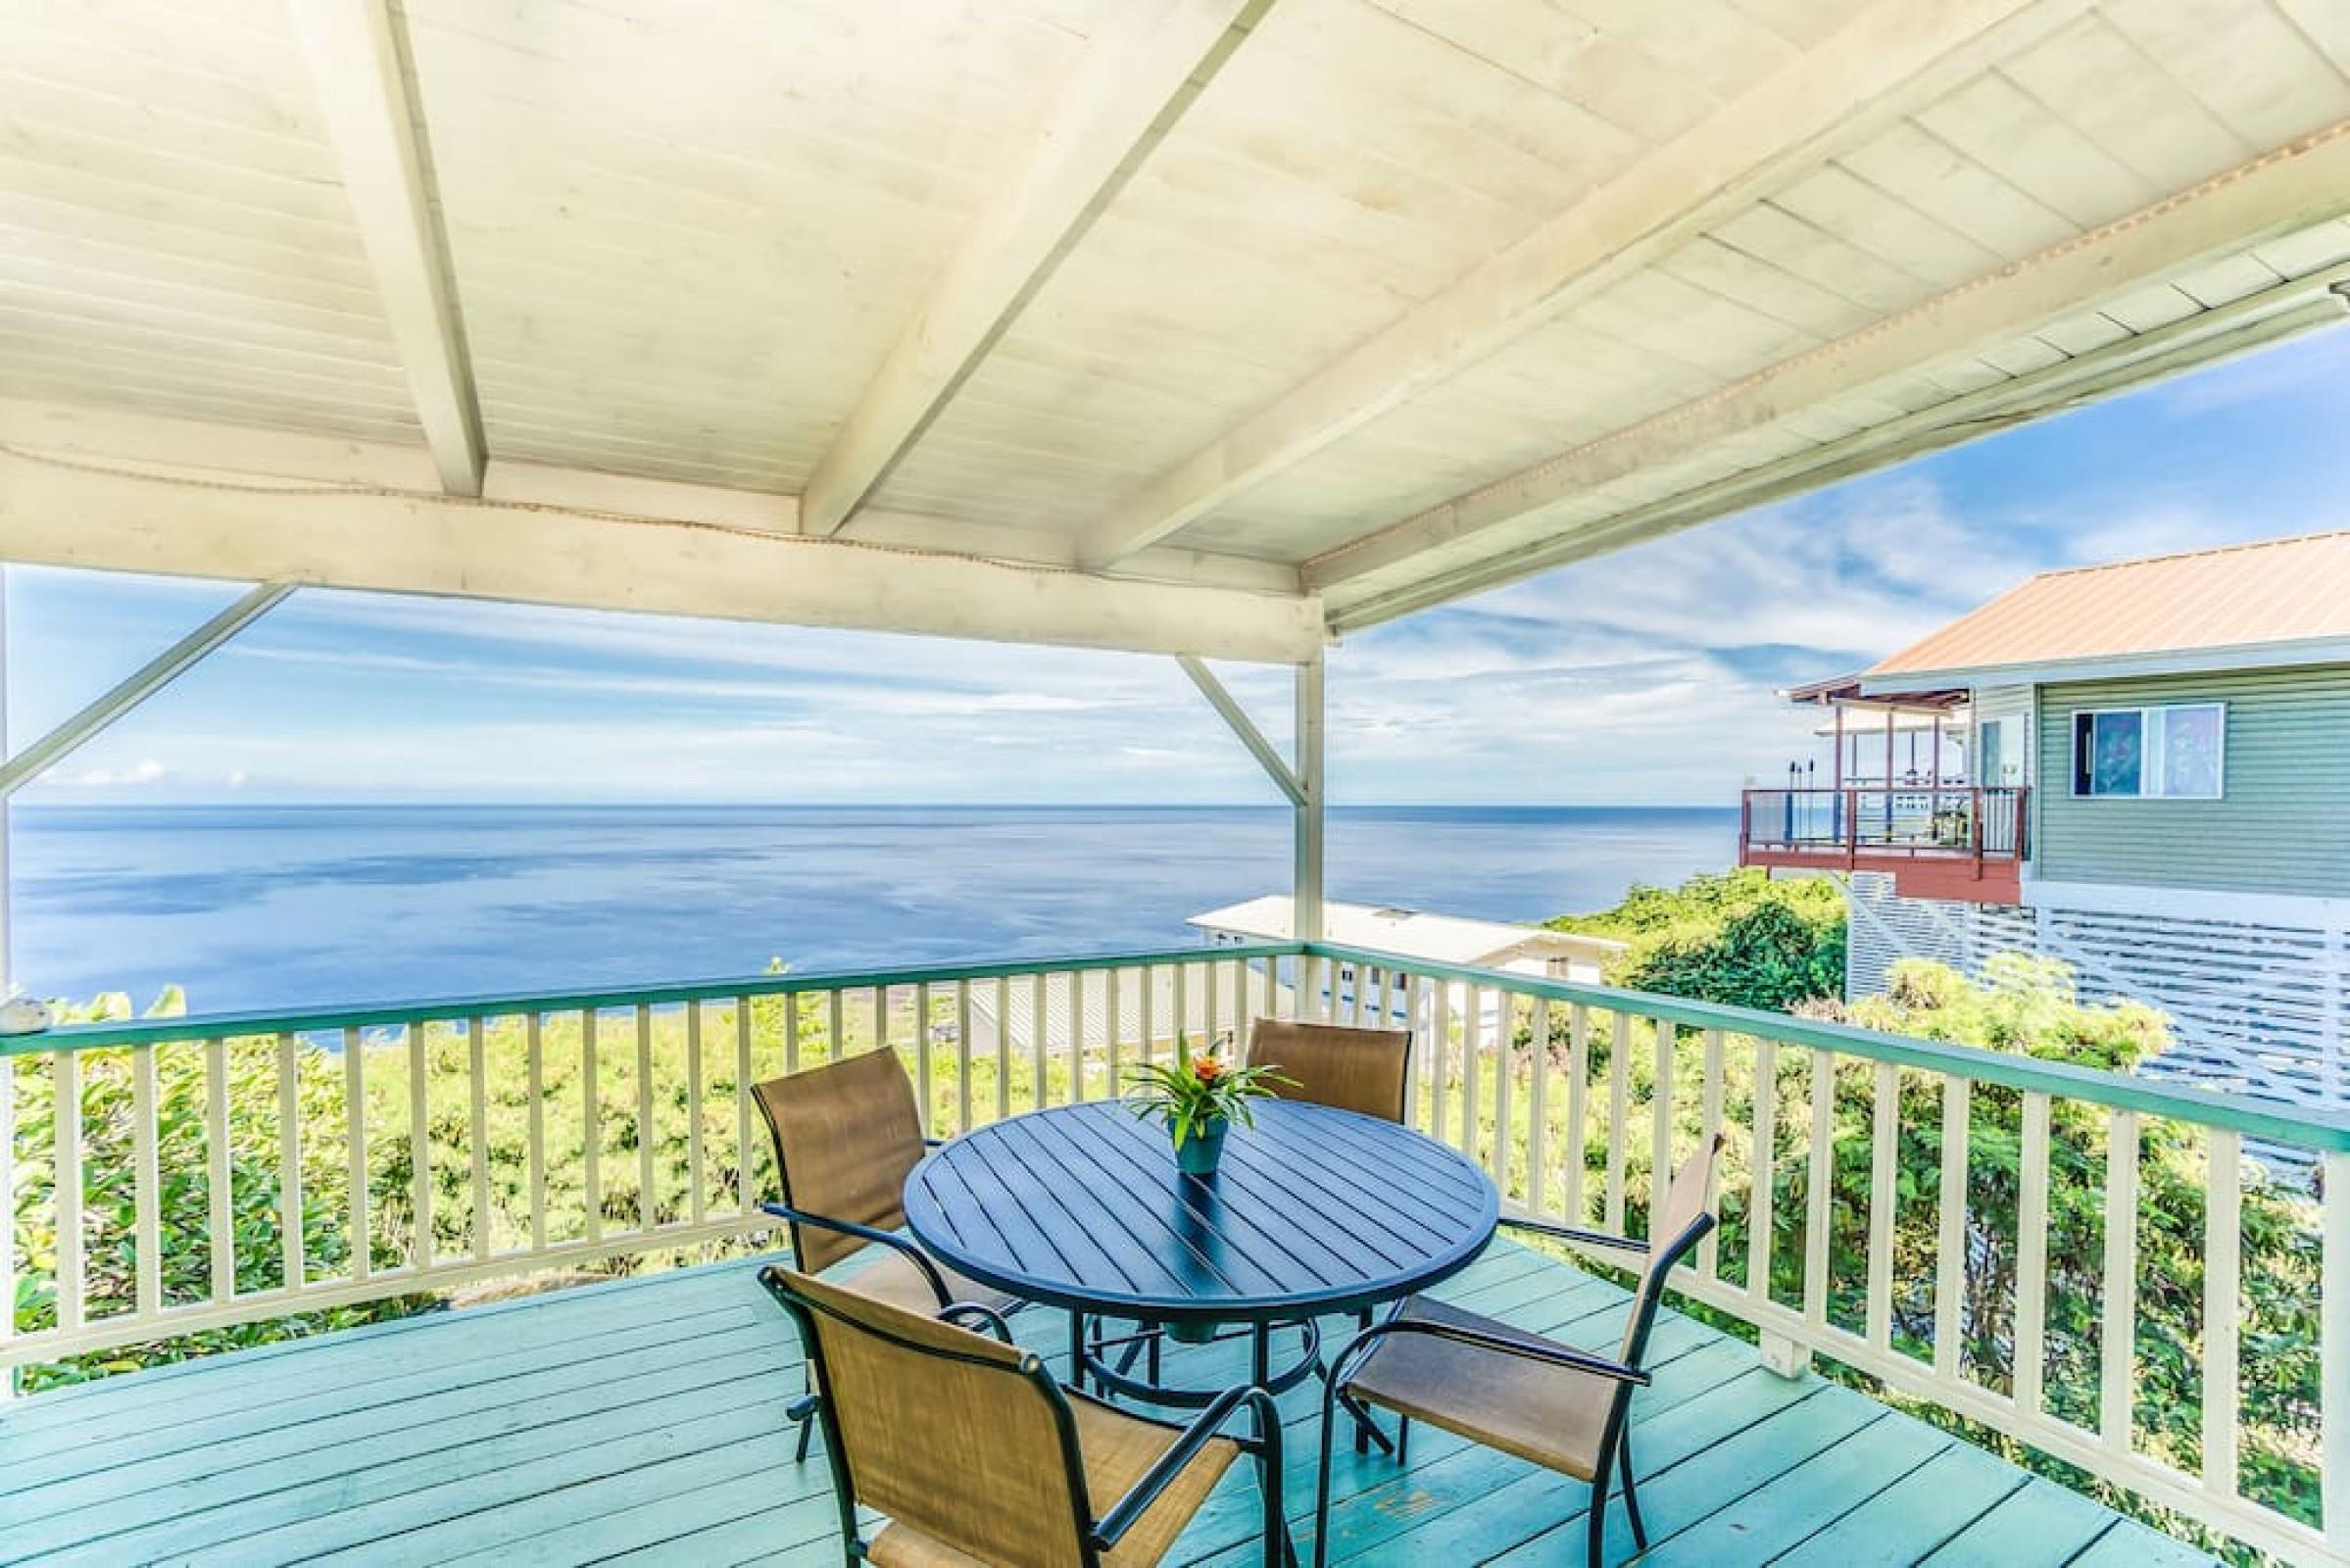 Kona Paradise - Stunning Ocean Views from Lanai - Captain Cook, Hawaii